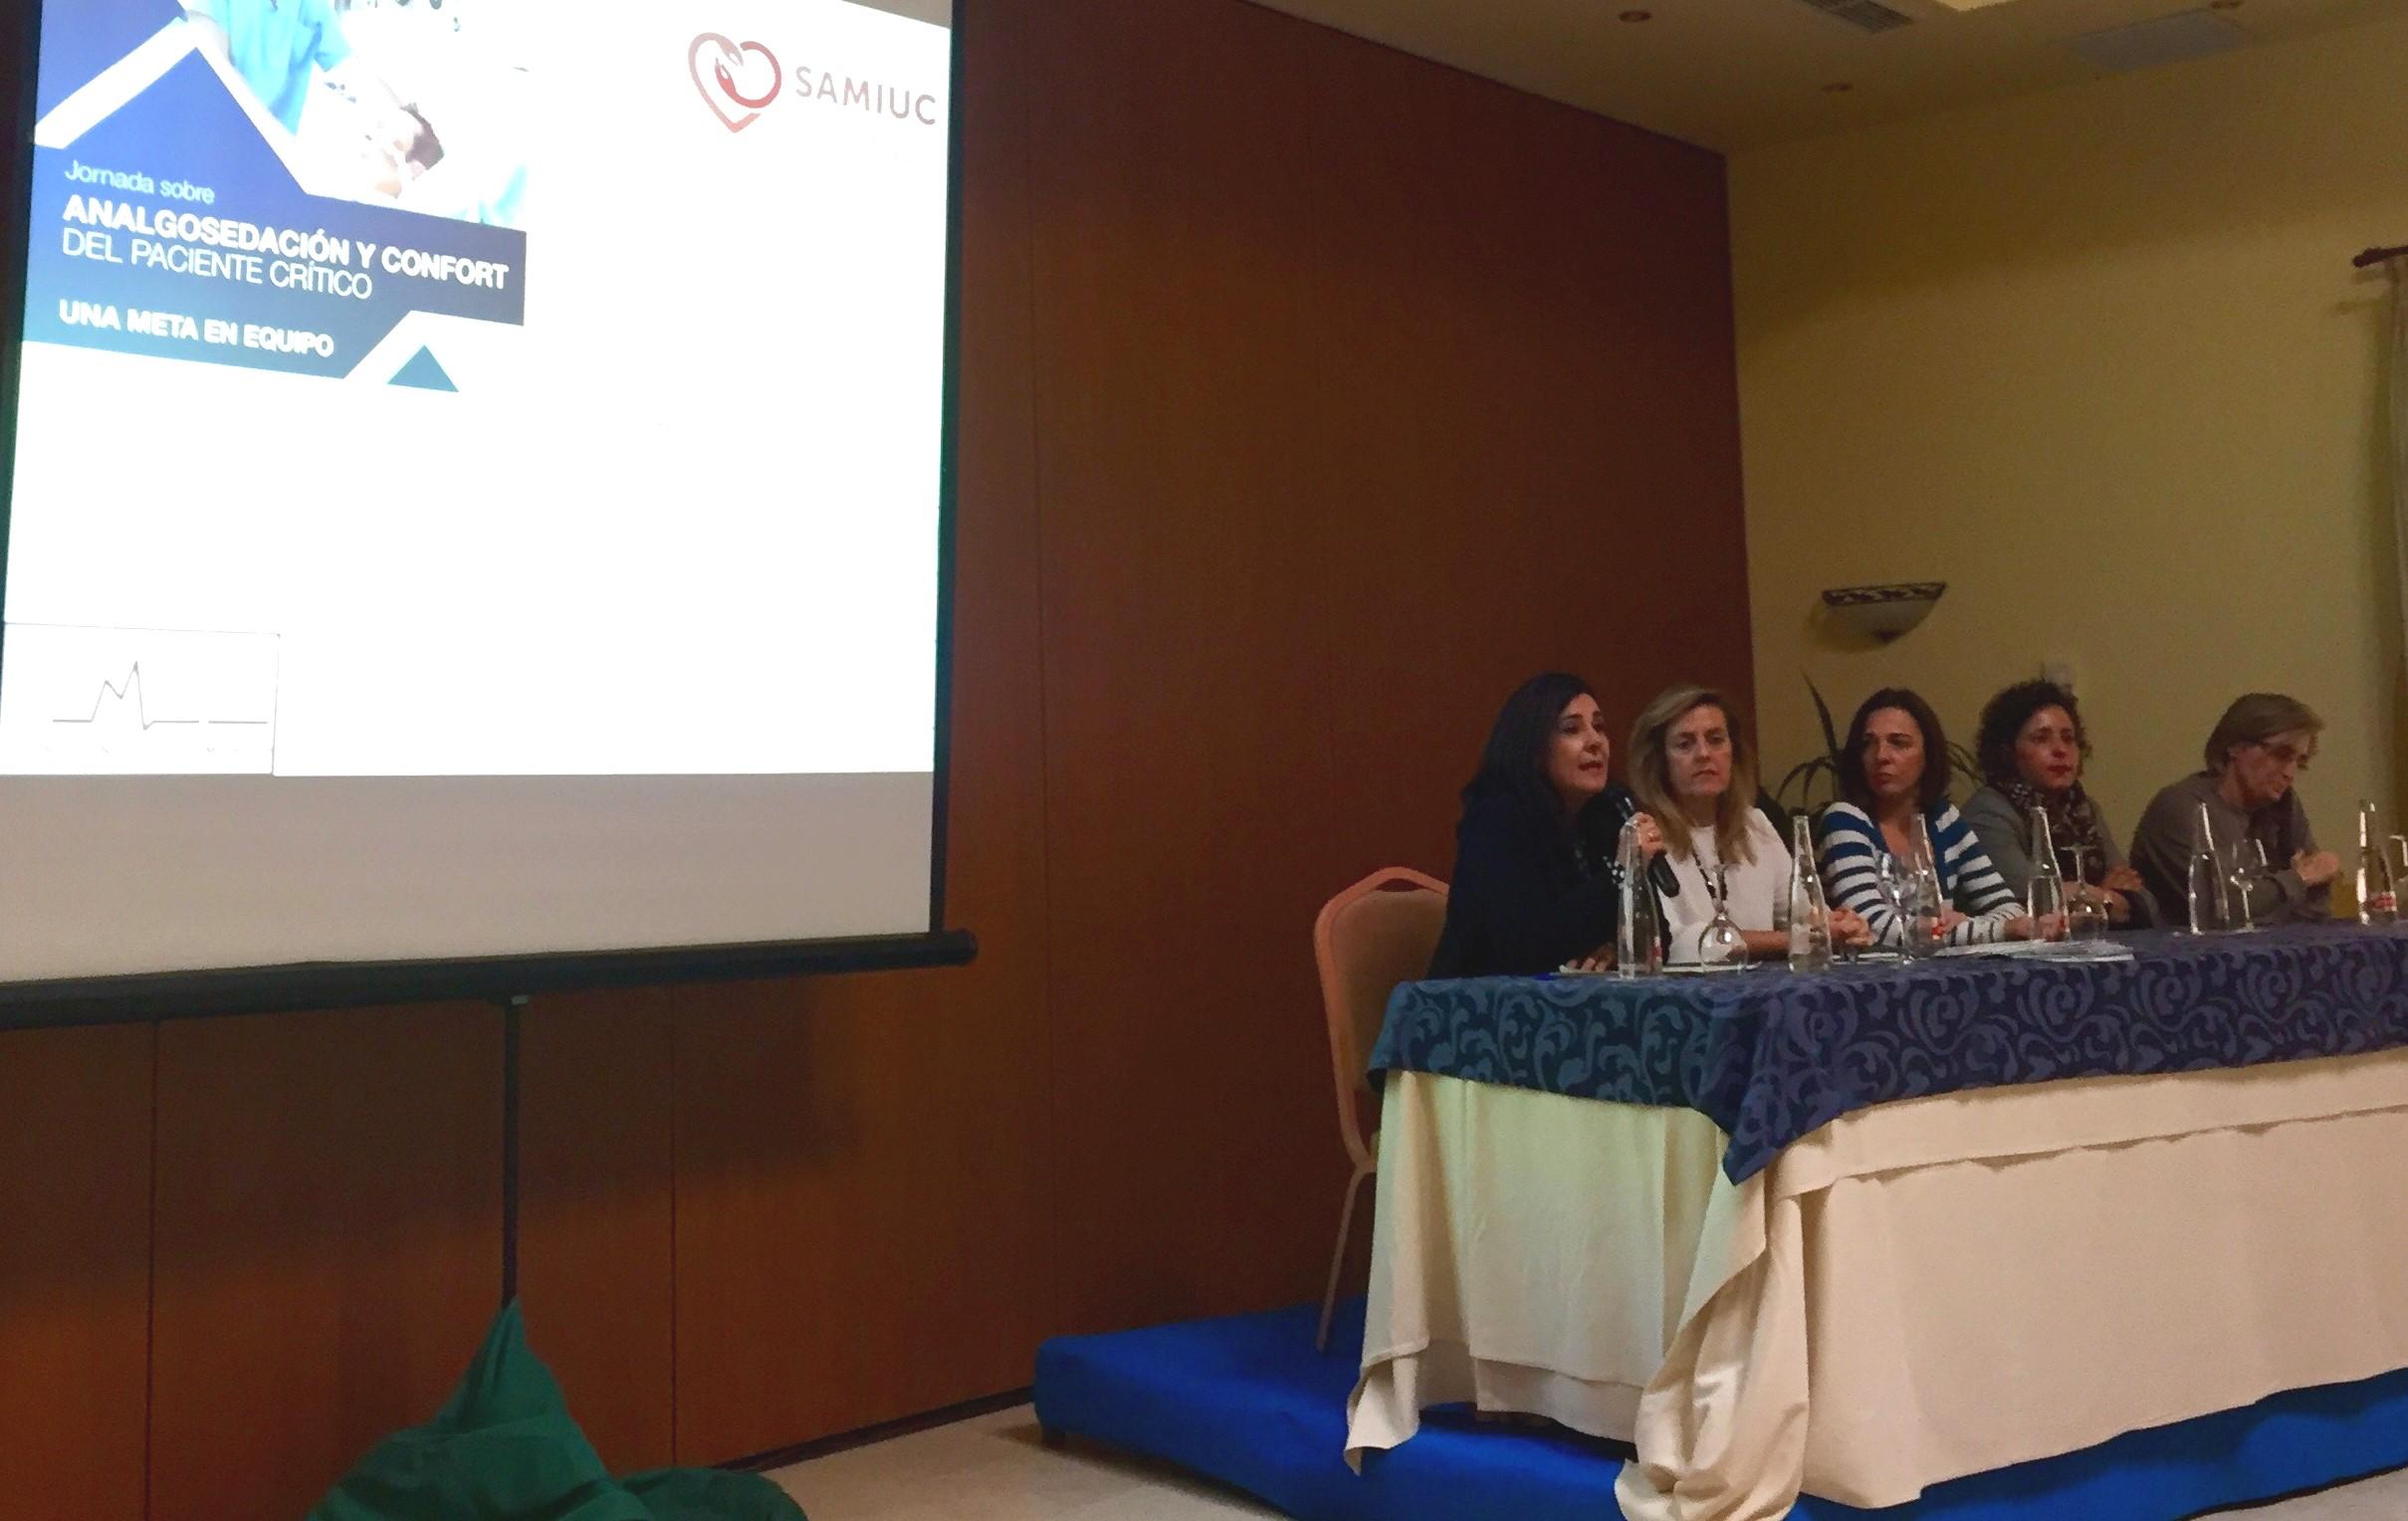 Médicos y enfermeros de las UCI de Andalucía ponen en común buenas prácticas para reducir los niveles de dolor en pacientes críticos